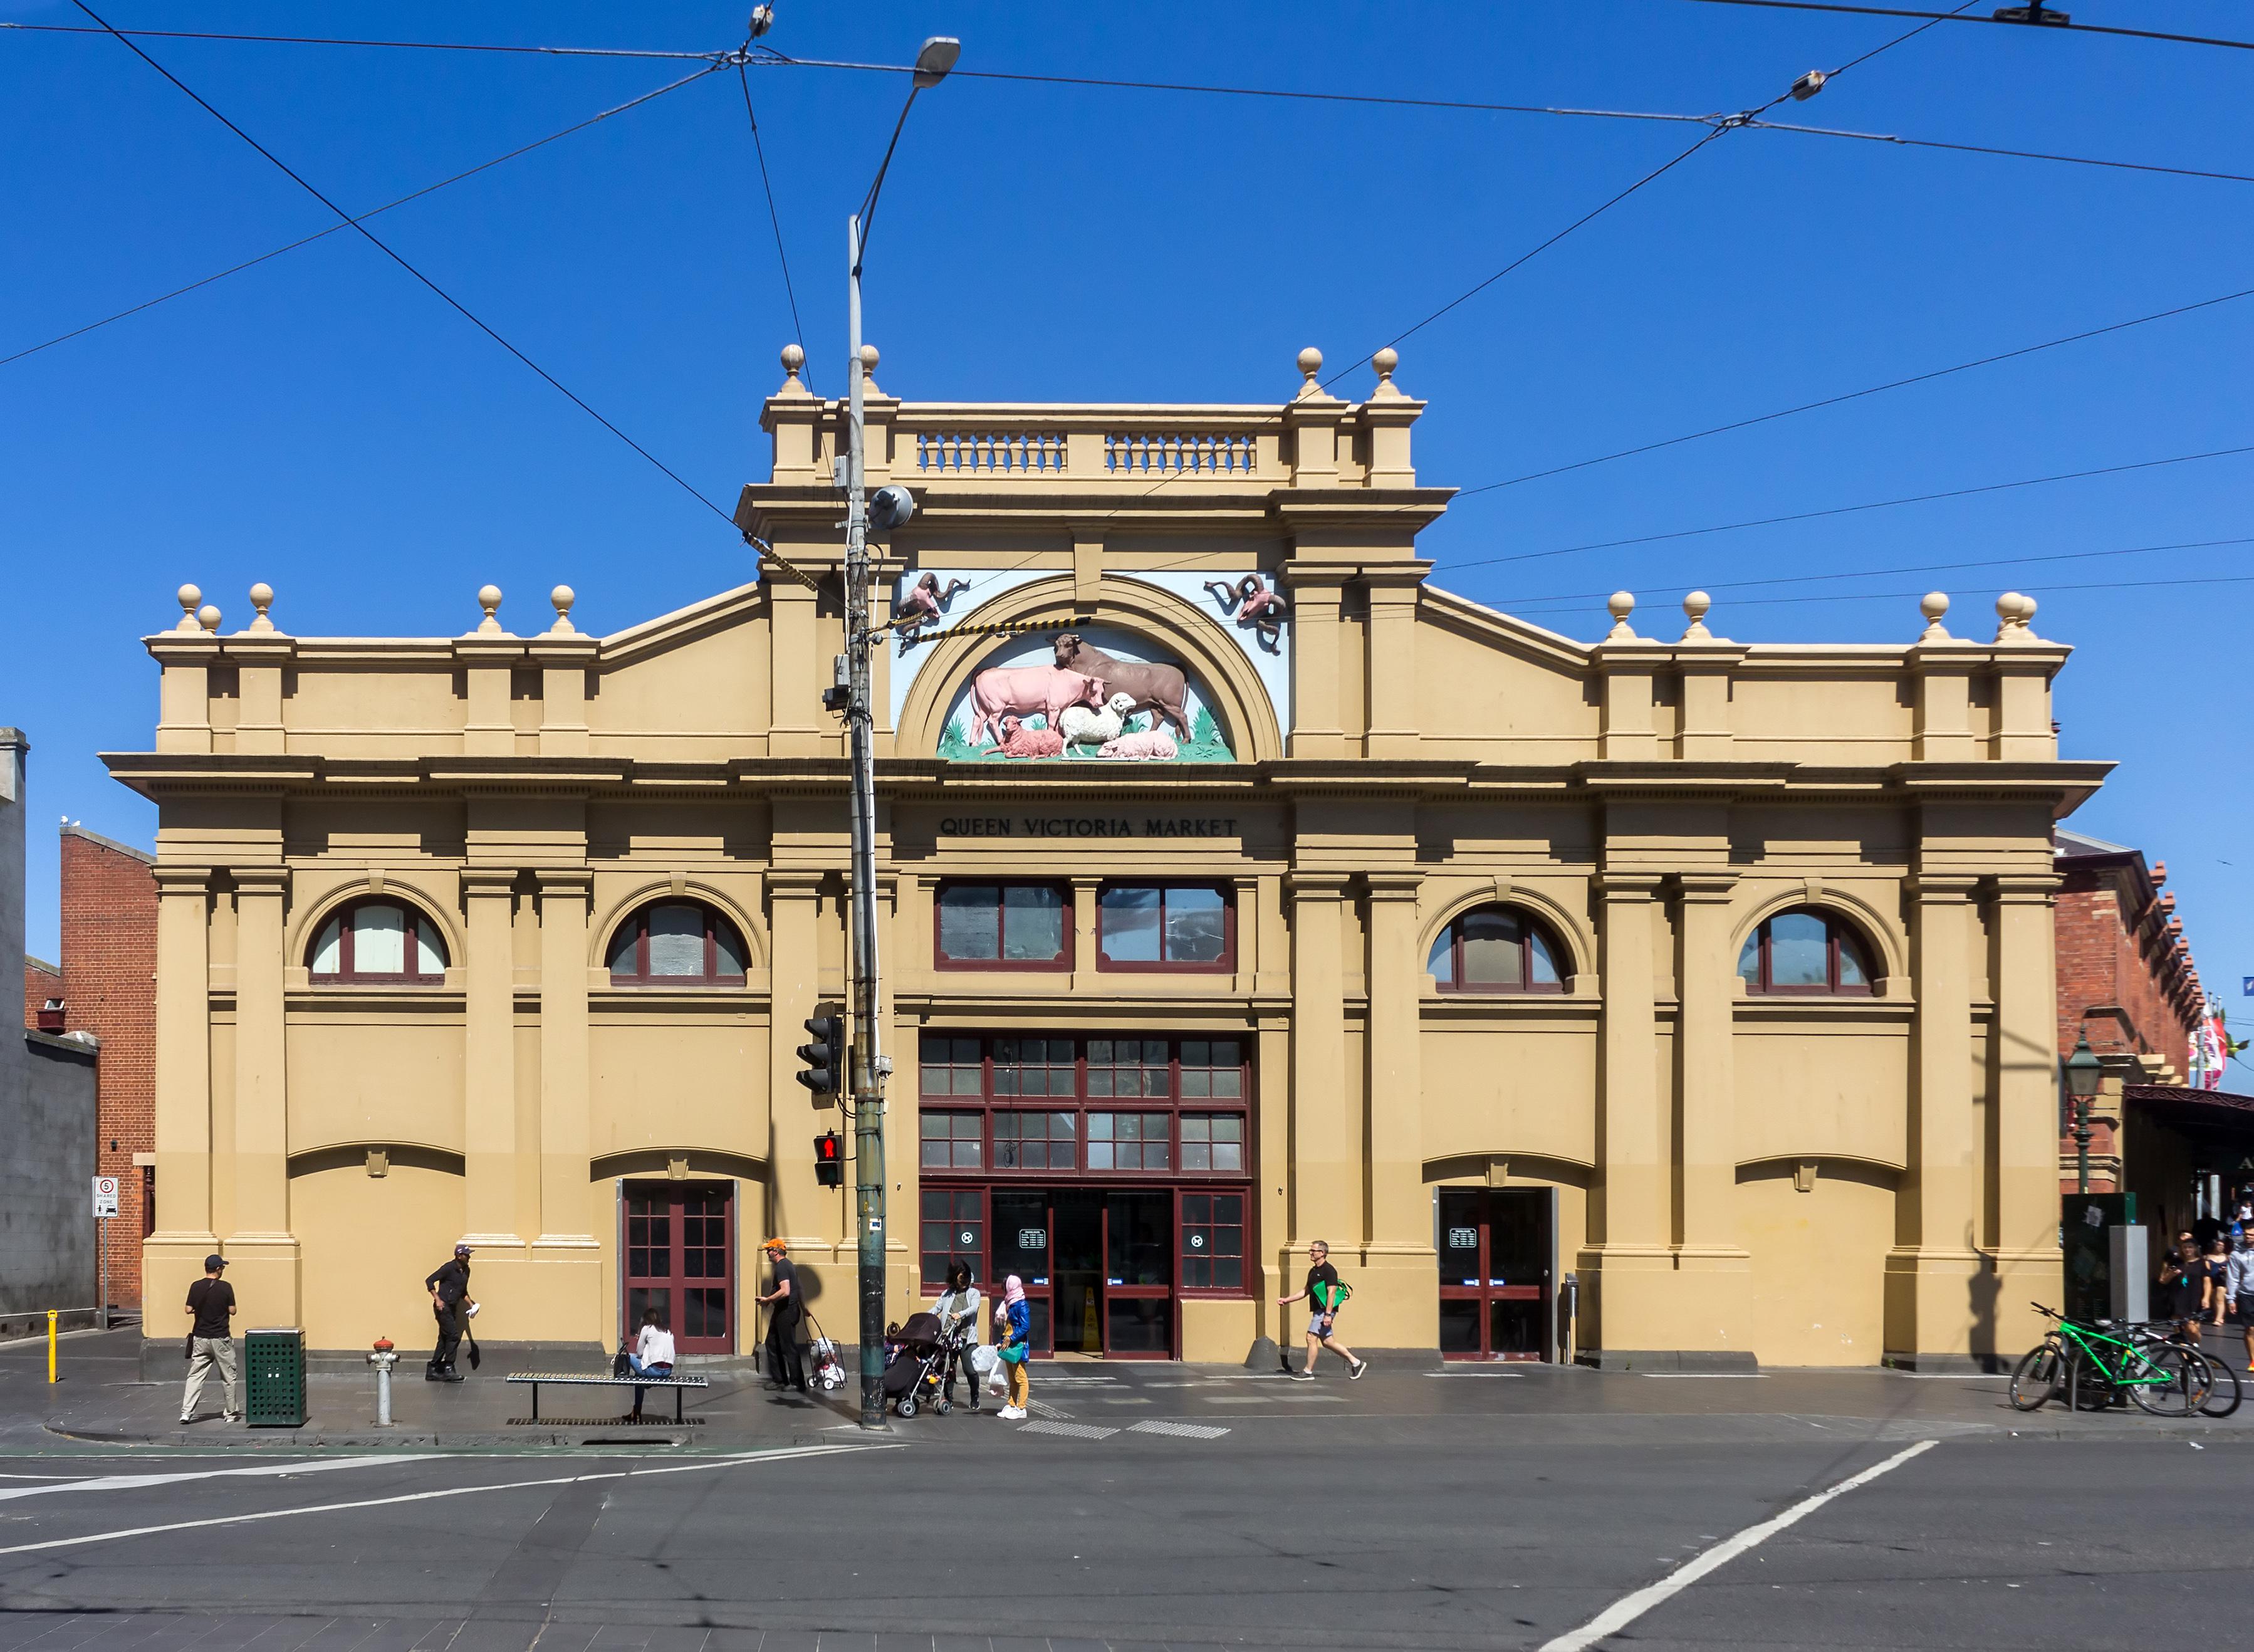 303f95104b7 Queen Victoria Market - Wikipedia